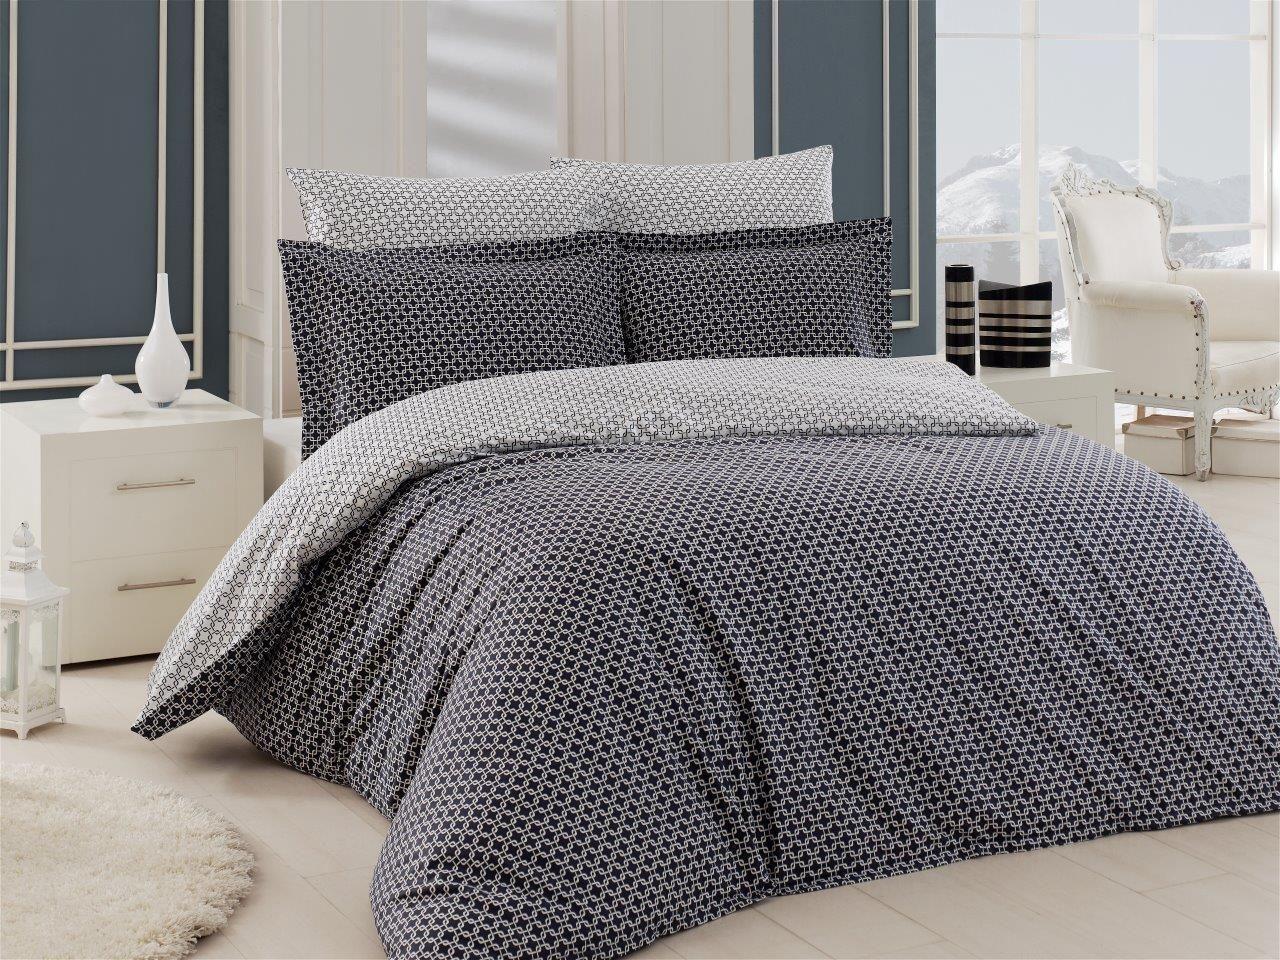 5tlg Bettwasche Bettgarnitur Baumwolle Eleonor Beige 200x200